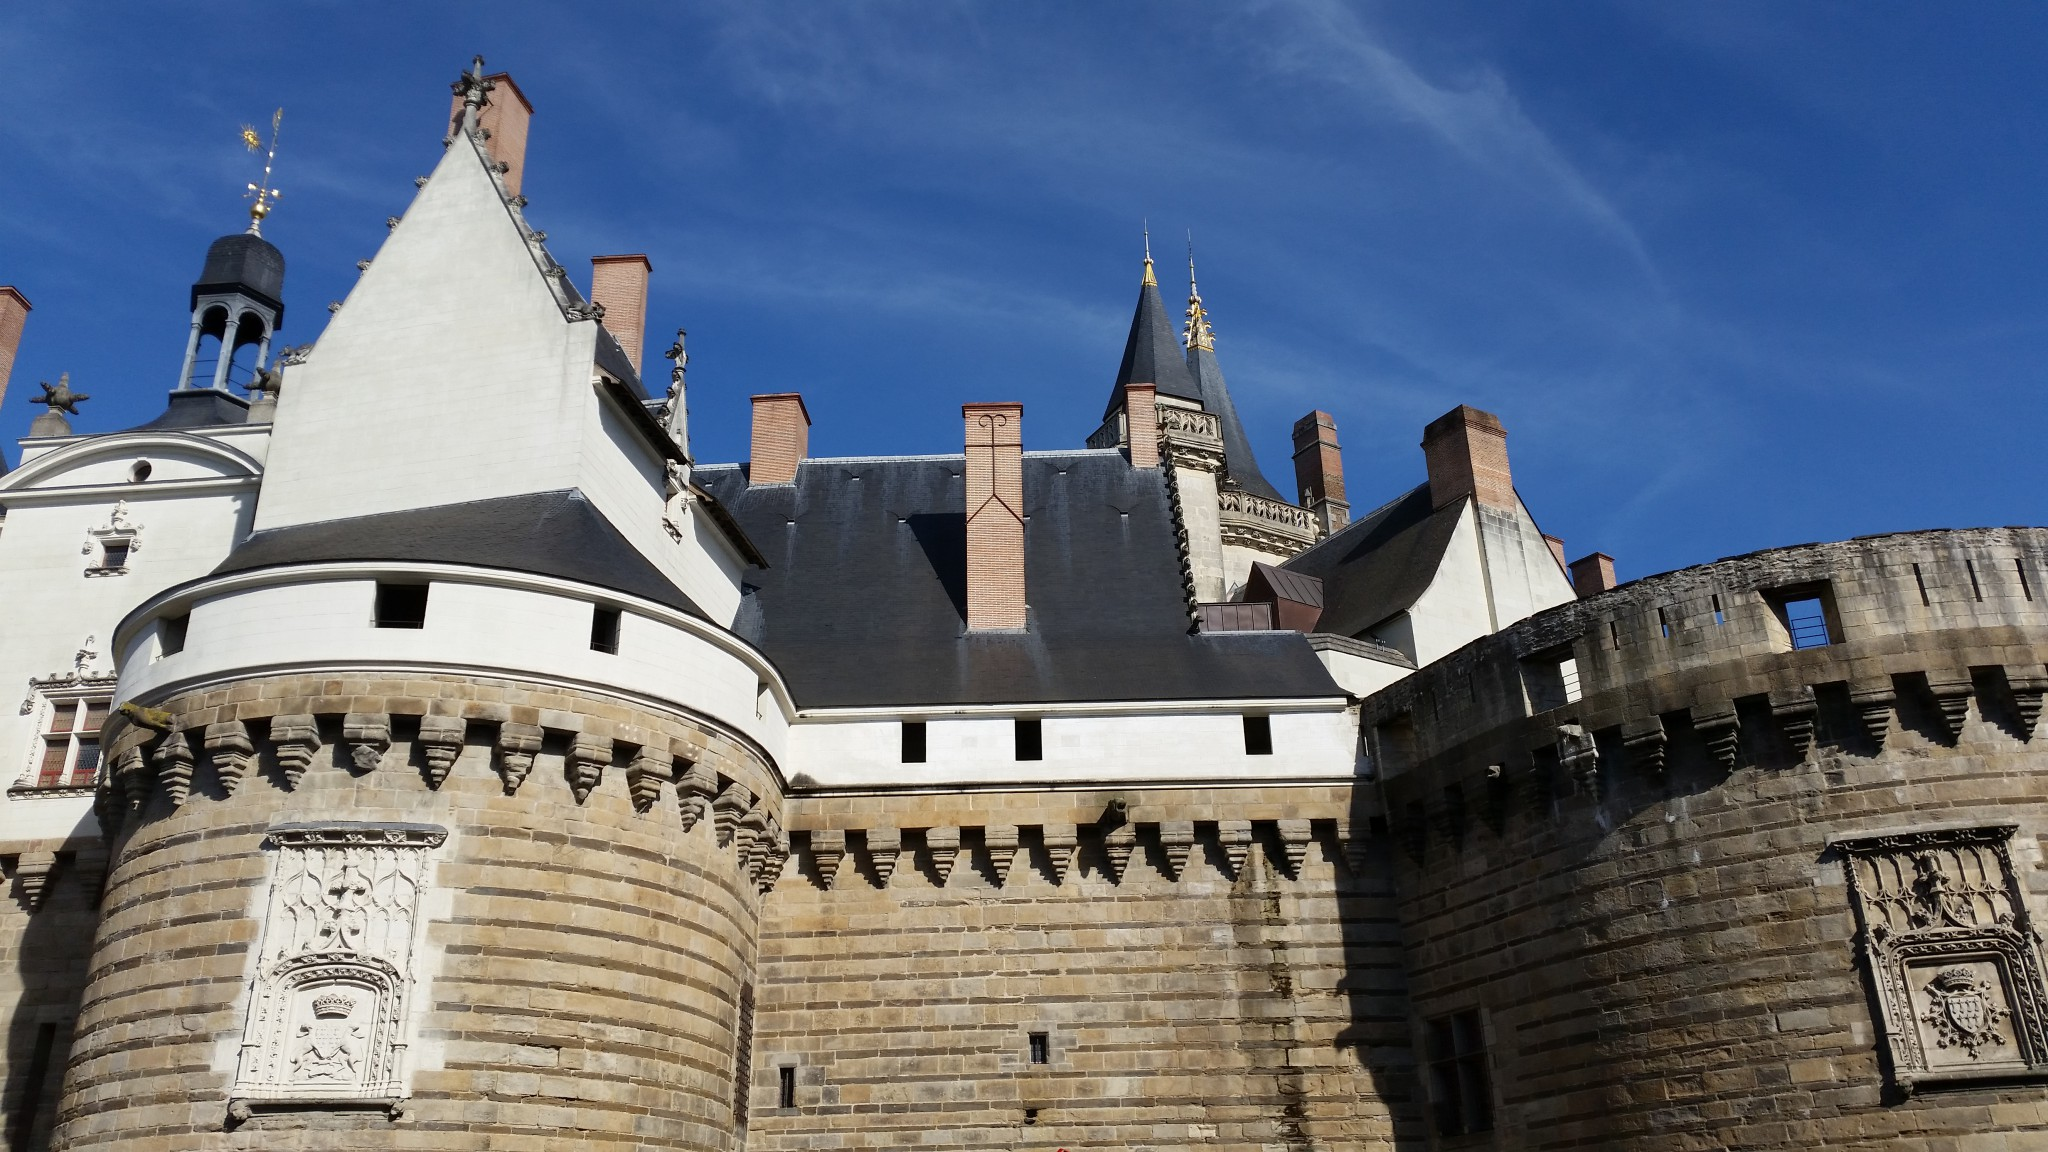 A gaucha, l'entrada principala e la tor de la Bolantjariá emb las armas d'Anna de Bretanha